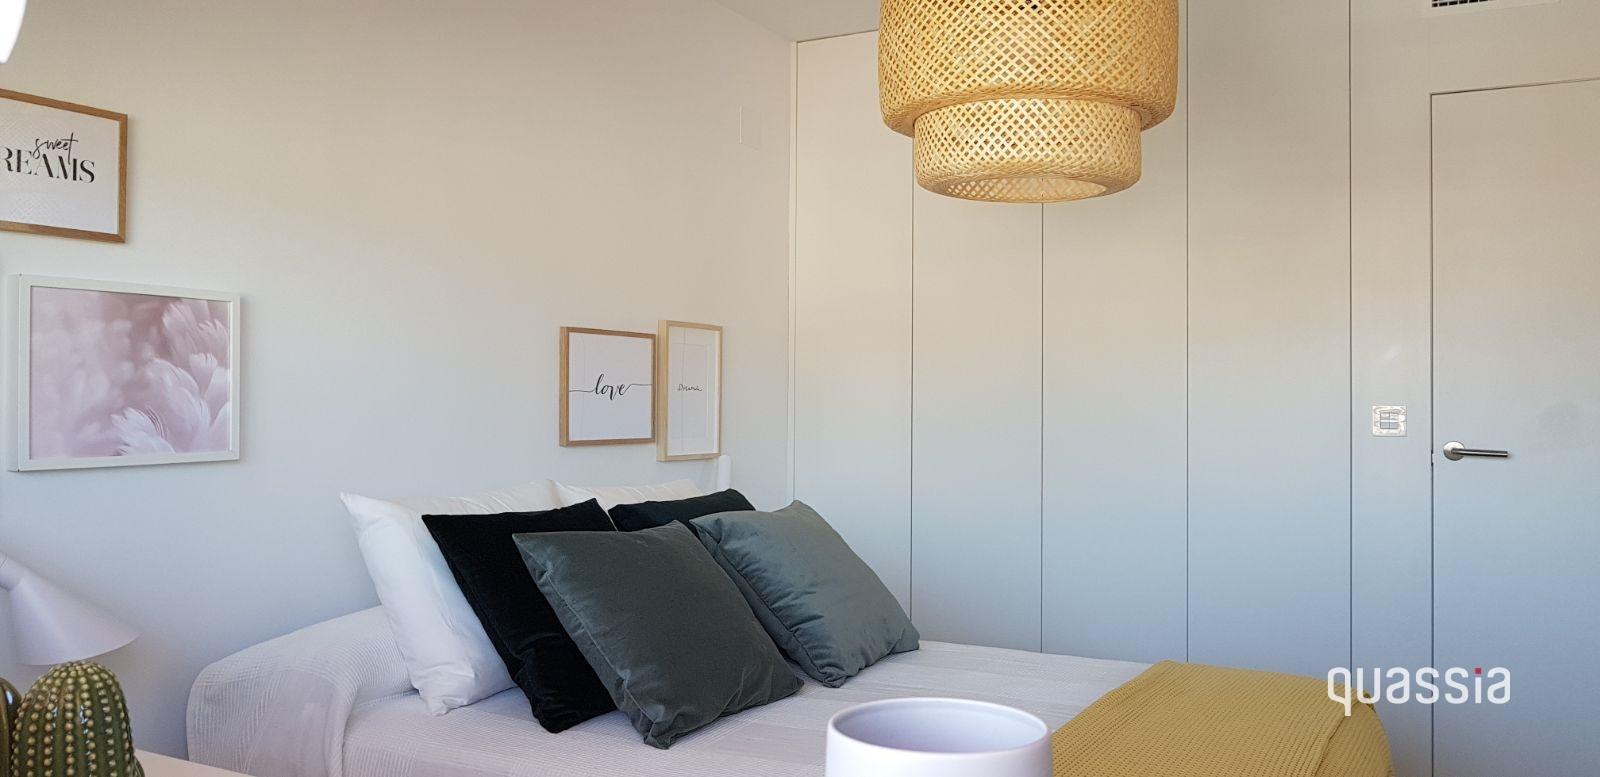 Reforma apartamento Fuengirola por Quassia (21)